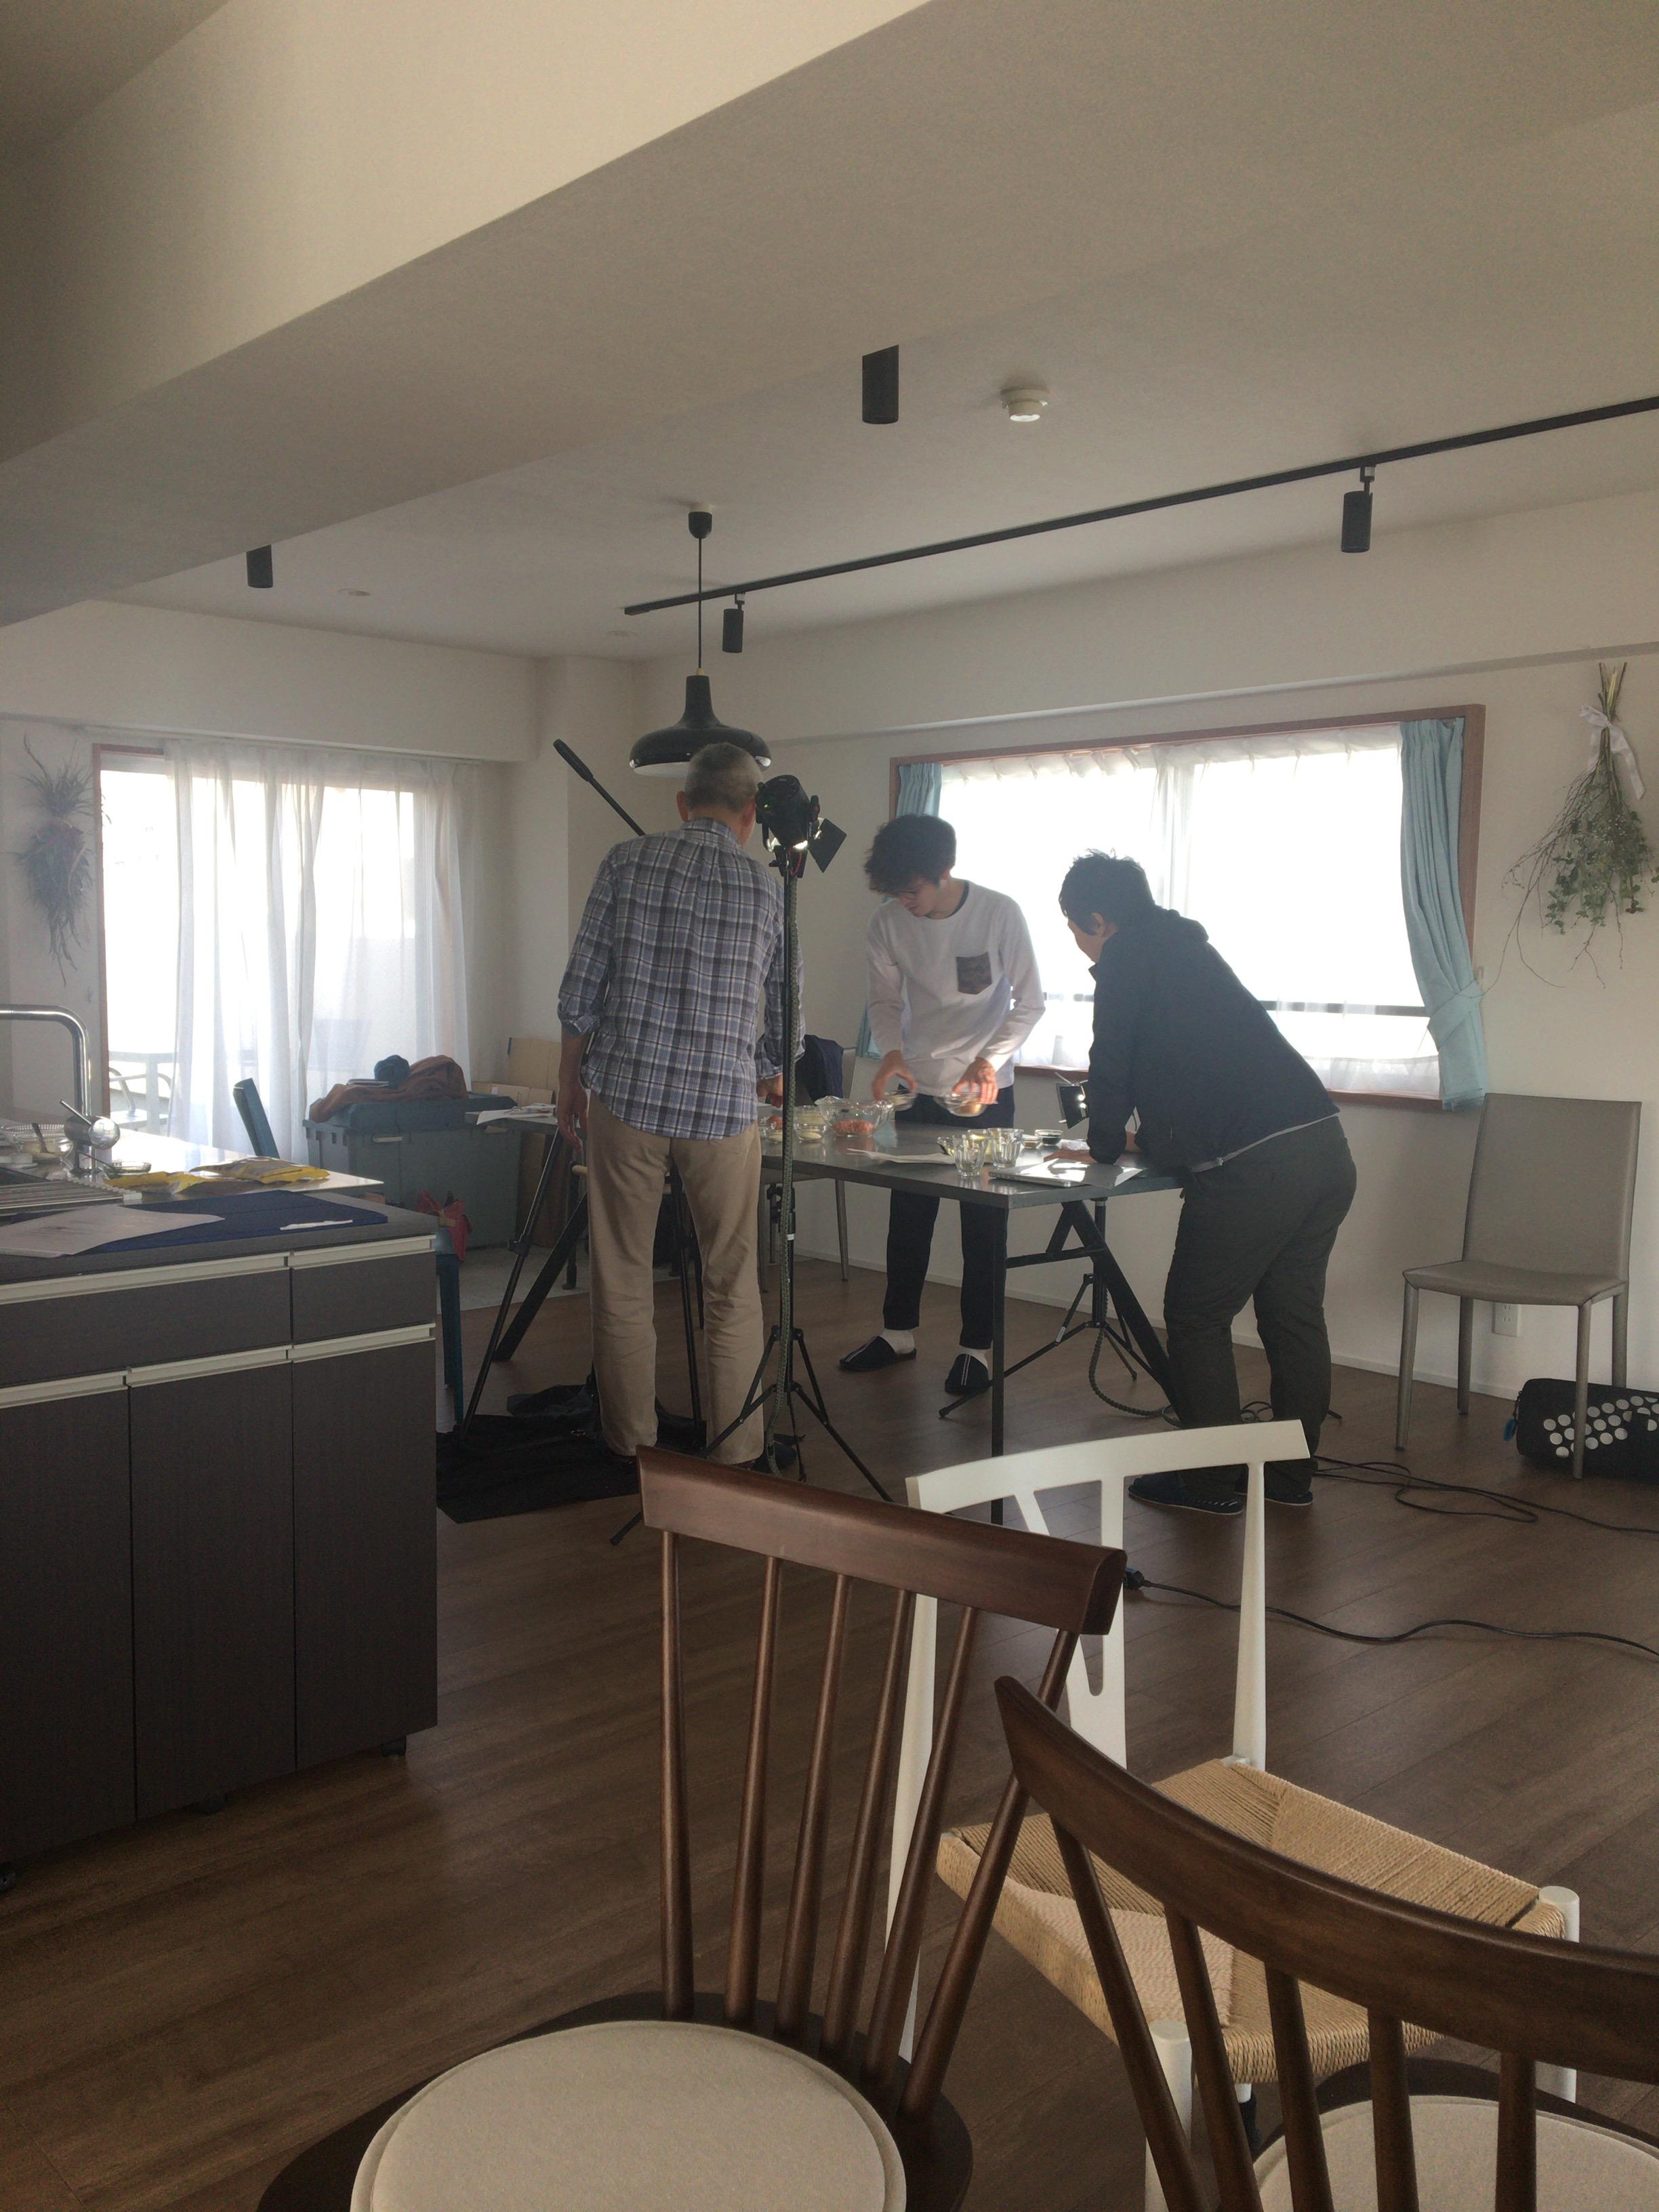 【テレビ出演のお知らせ】4/2テレビ東京「NIKKEI STYLE」話題のおからパウダー料理